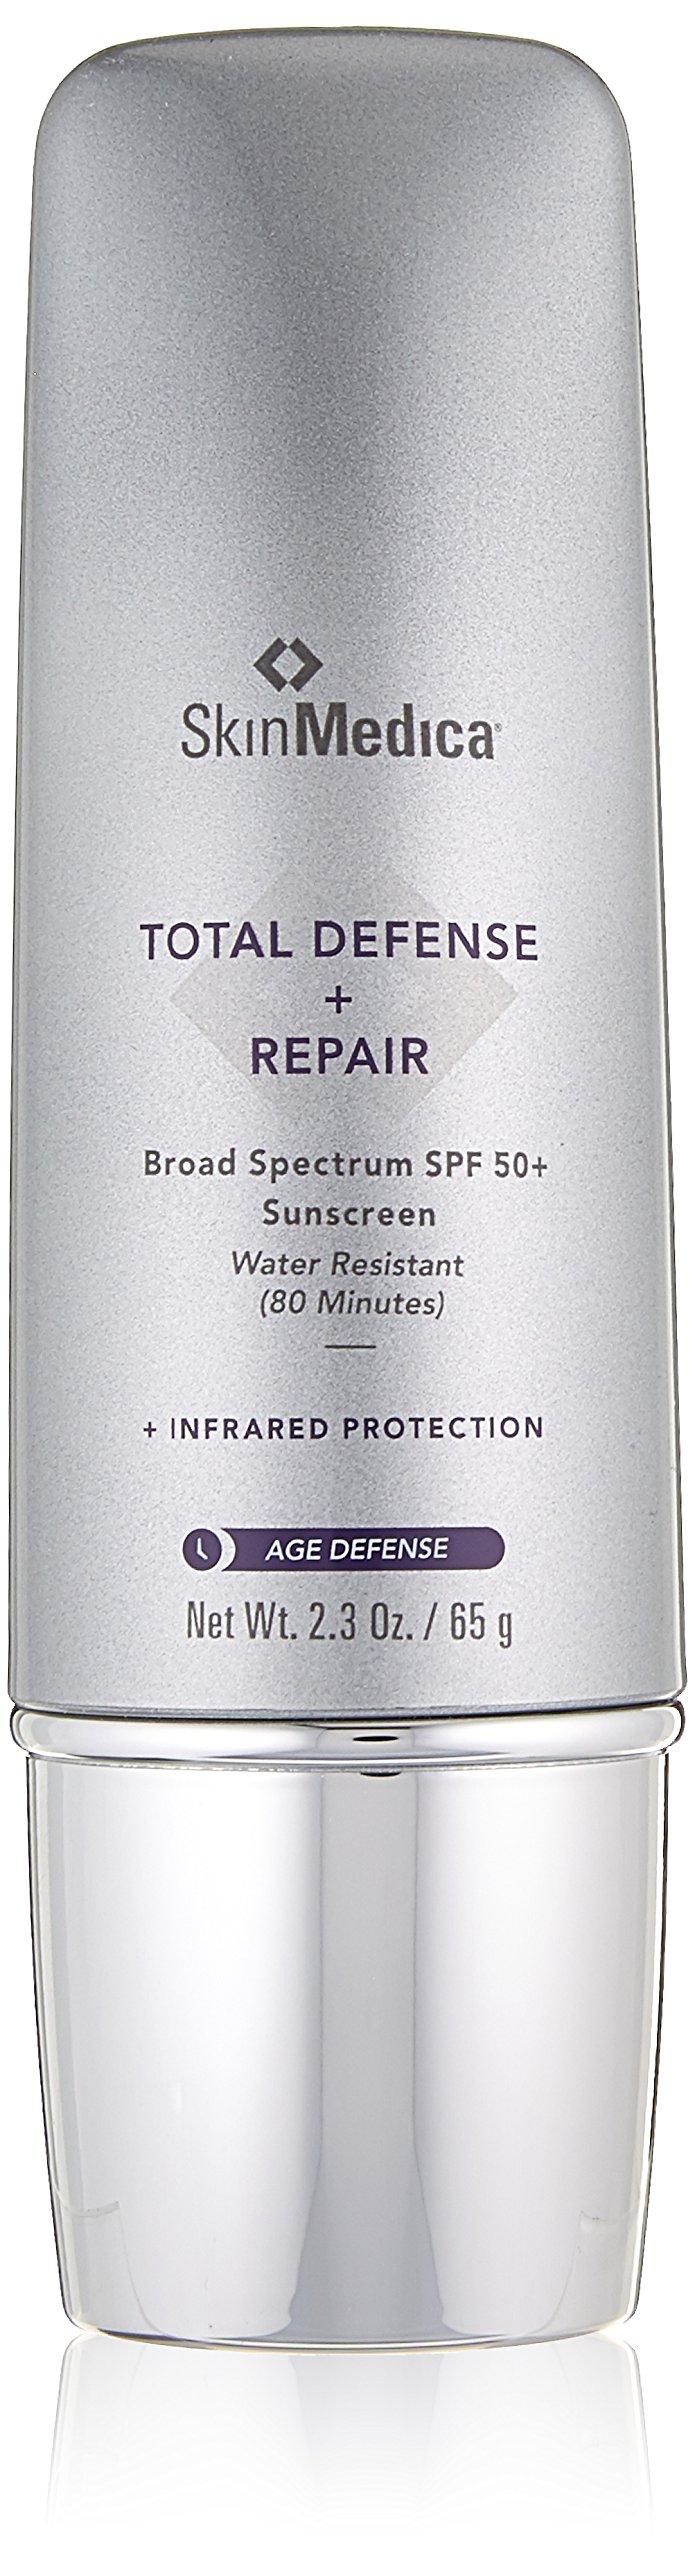 SkinMedica Total Defense Plus Repair Sunscreen, SPF 50, 2.3 oz. by SkinMedica